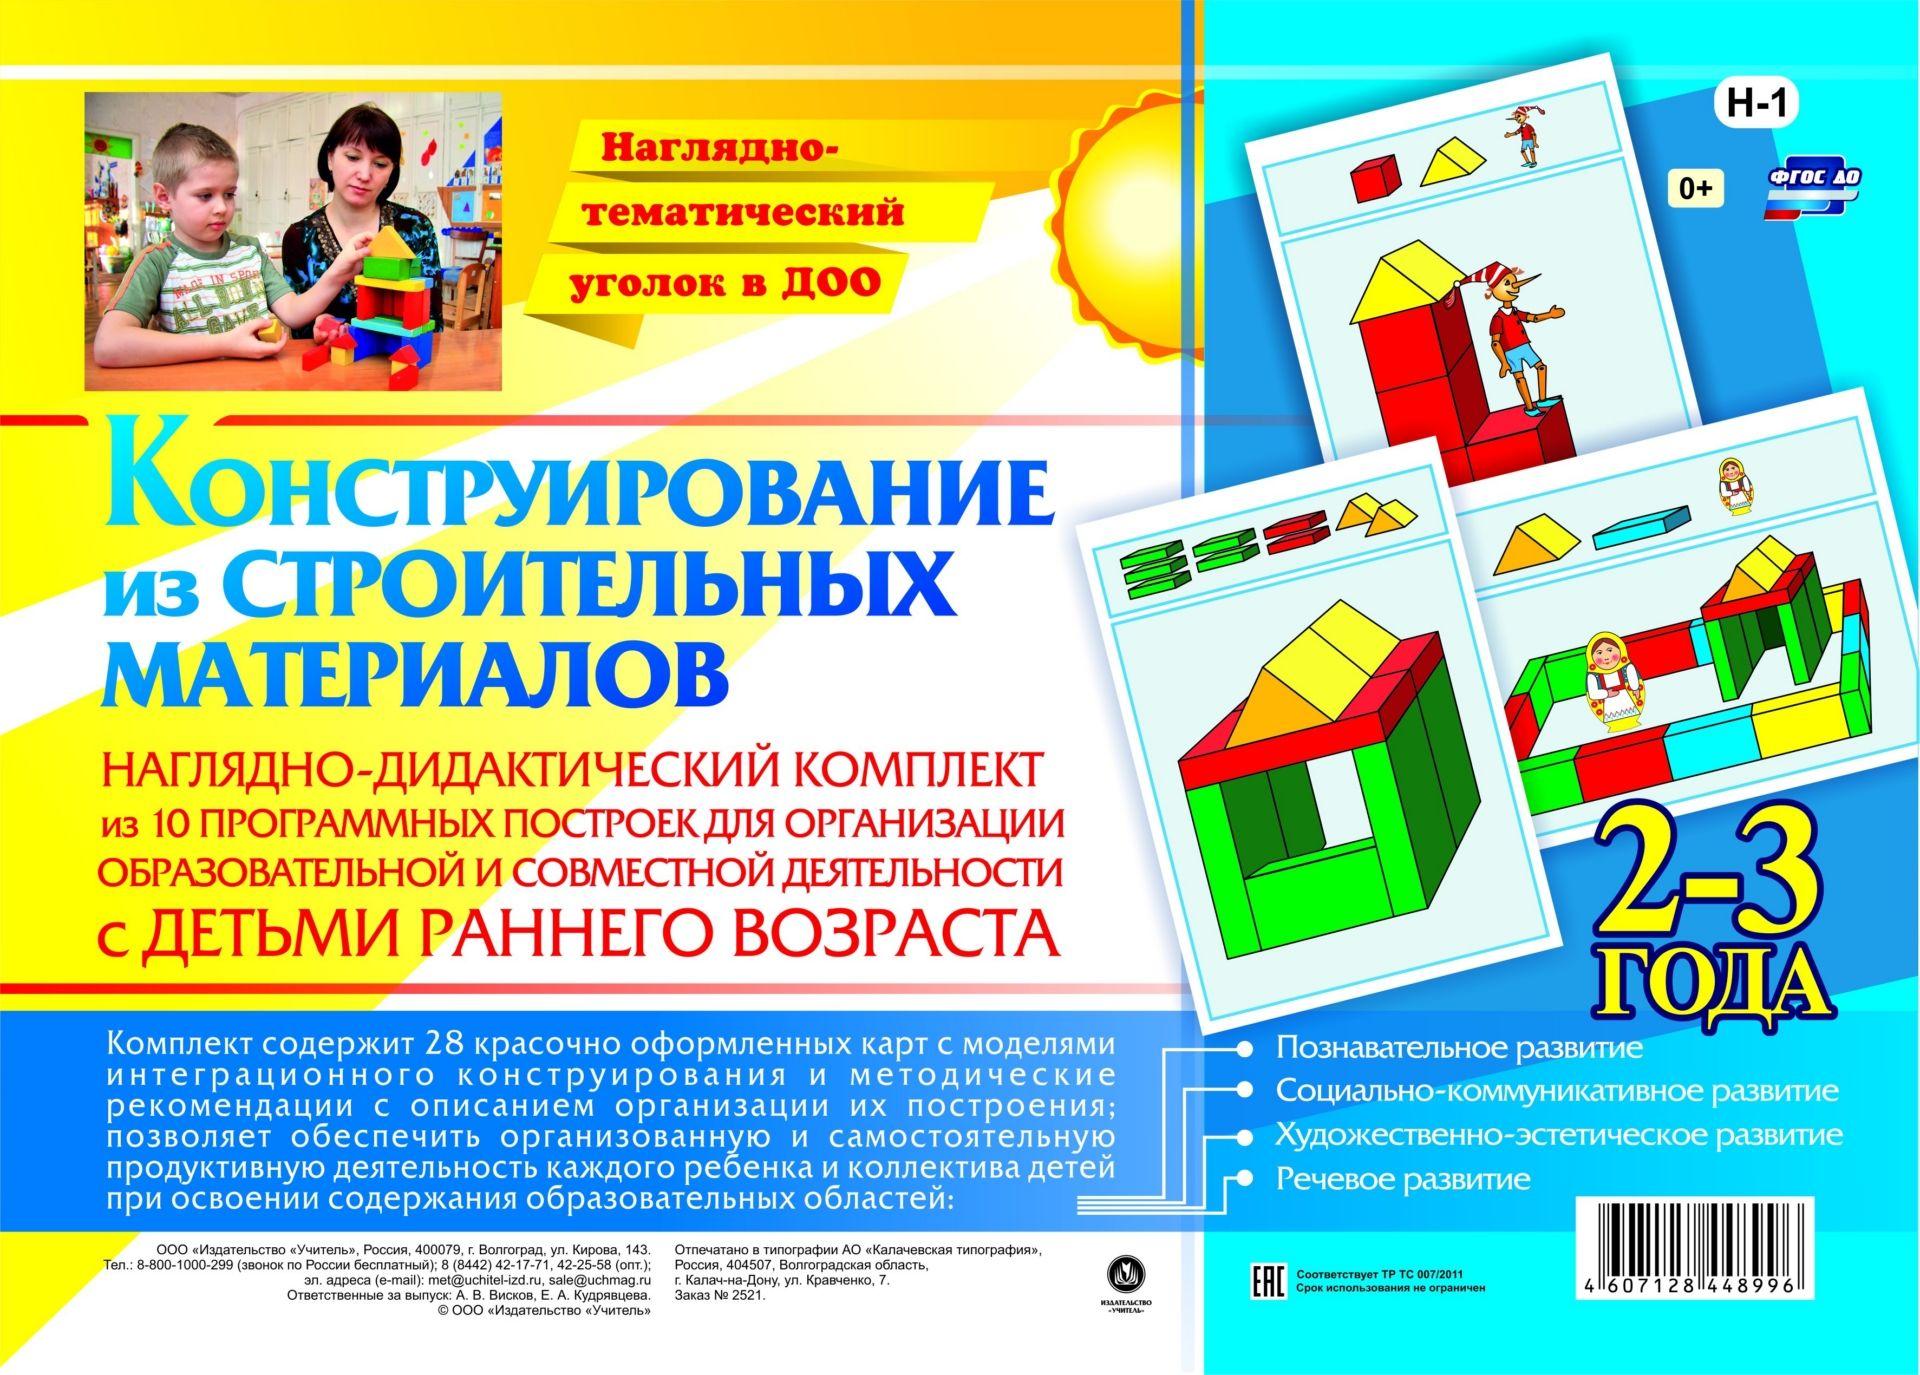 Наглядно-дидактический комплект. Конструирование. 28 цветных иллюстраций формата А4 на картоне. 2-3 годаВоспитателю ДОО<br>Предлагаемый наглядно-дидактический комплект Конструирование из строительных материалов включает в себя 28 красочно оформленных листов, позволяющих ребенку доступно и увлекательно в совместной деятельности со взрослым или самостоятельной игре осуществит...<br><br>Год: 2018<br>Серия: Наглядно-тематический уголок в ДОО<br>Высота: 200<br>Ширина: 140<br>Толщина: 10<br>Переплёт: набор